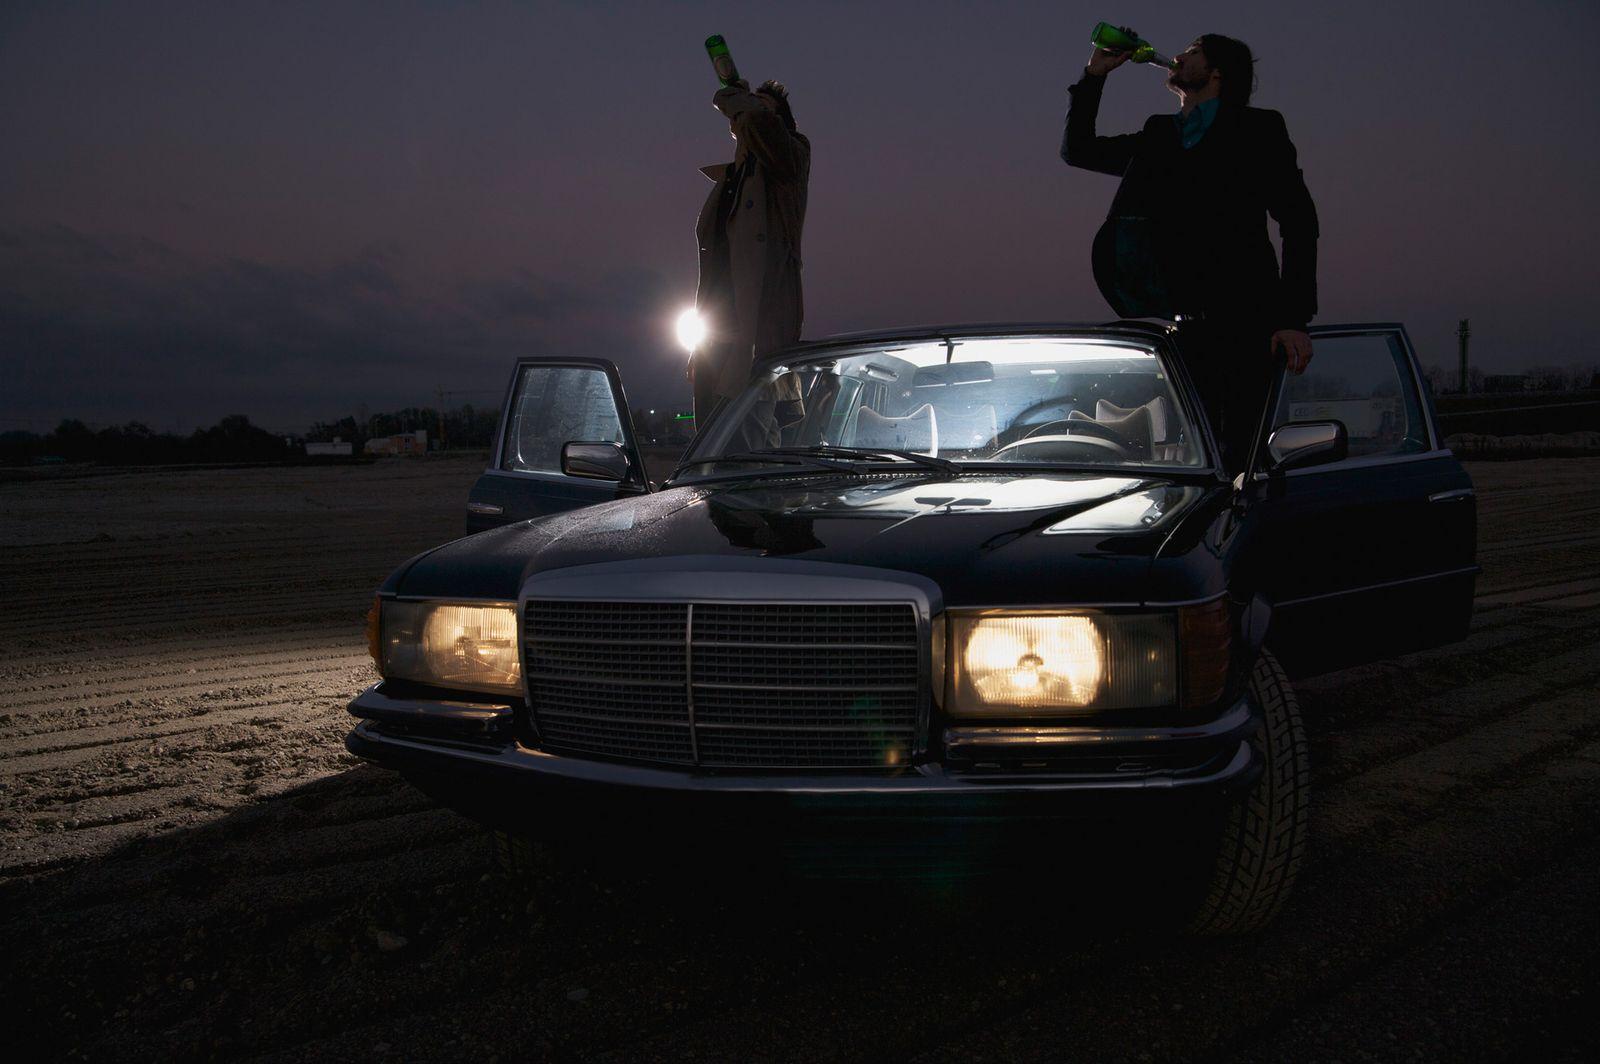 NICHT MEHR VERWENDEN! - Urteil / Alkohol